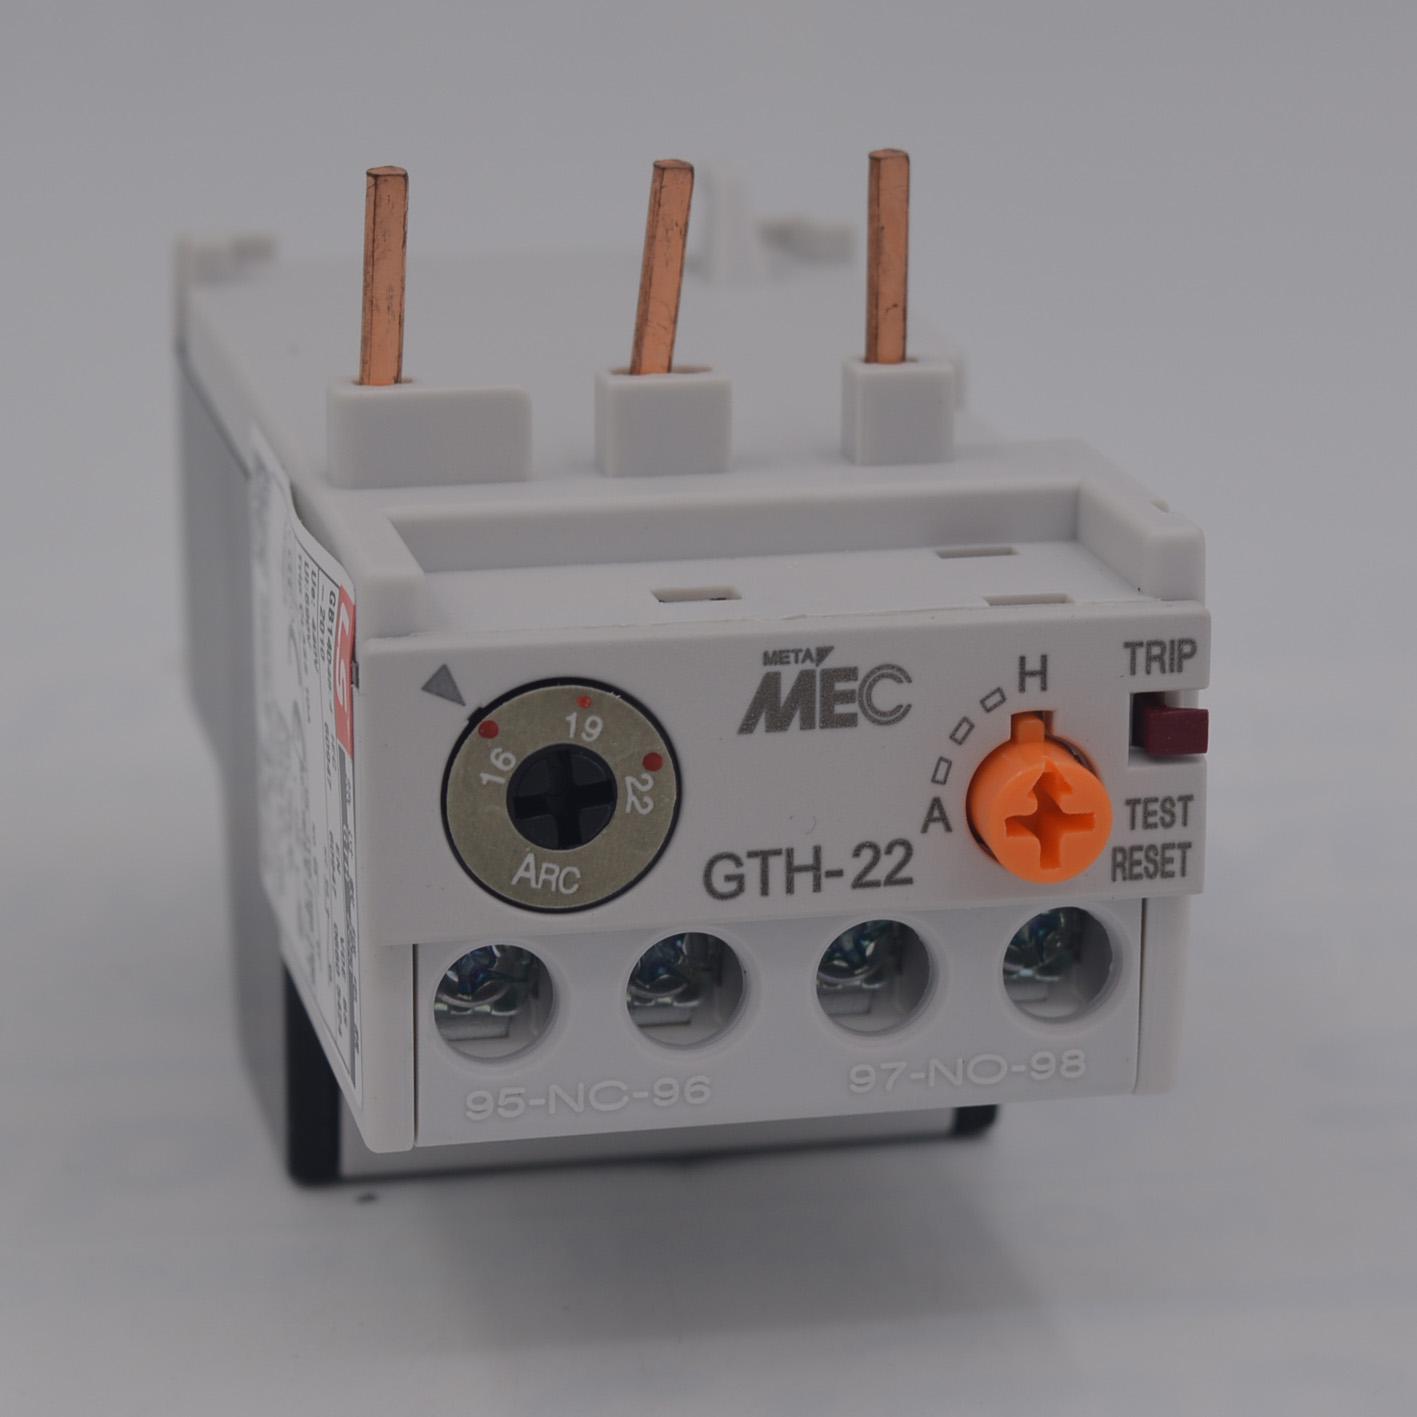 GTH-22 19A